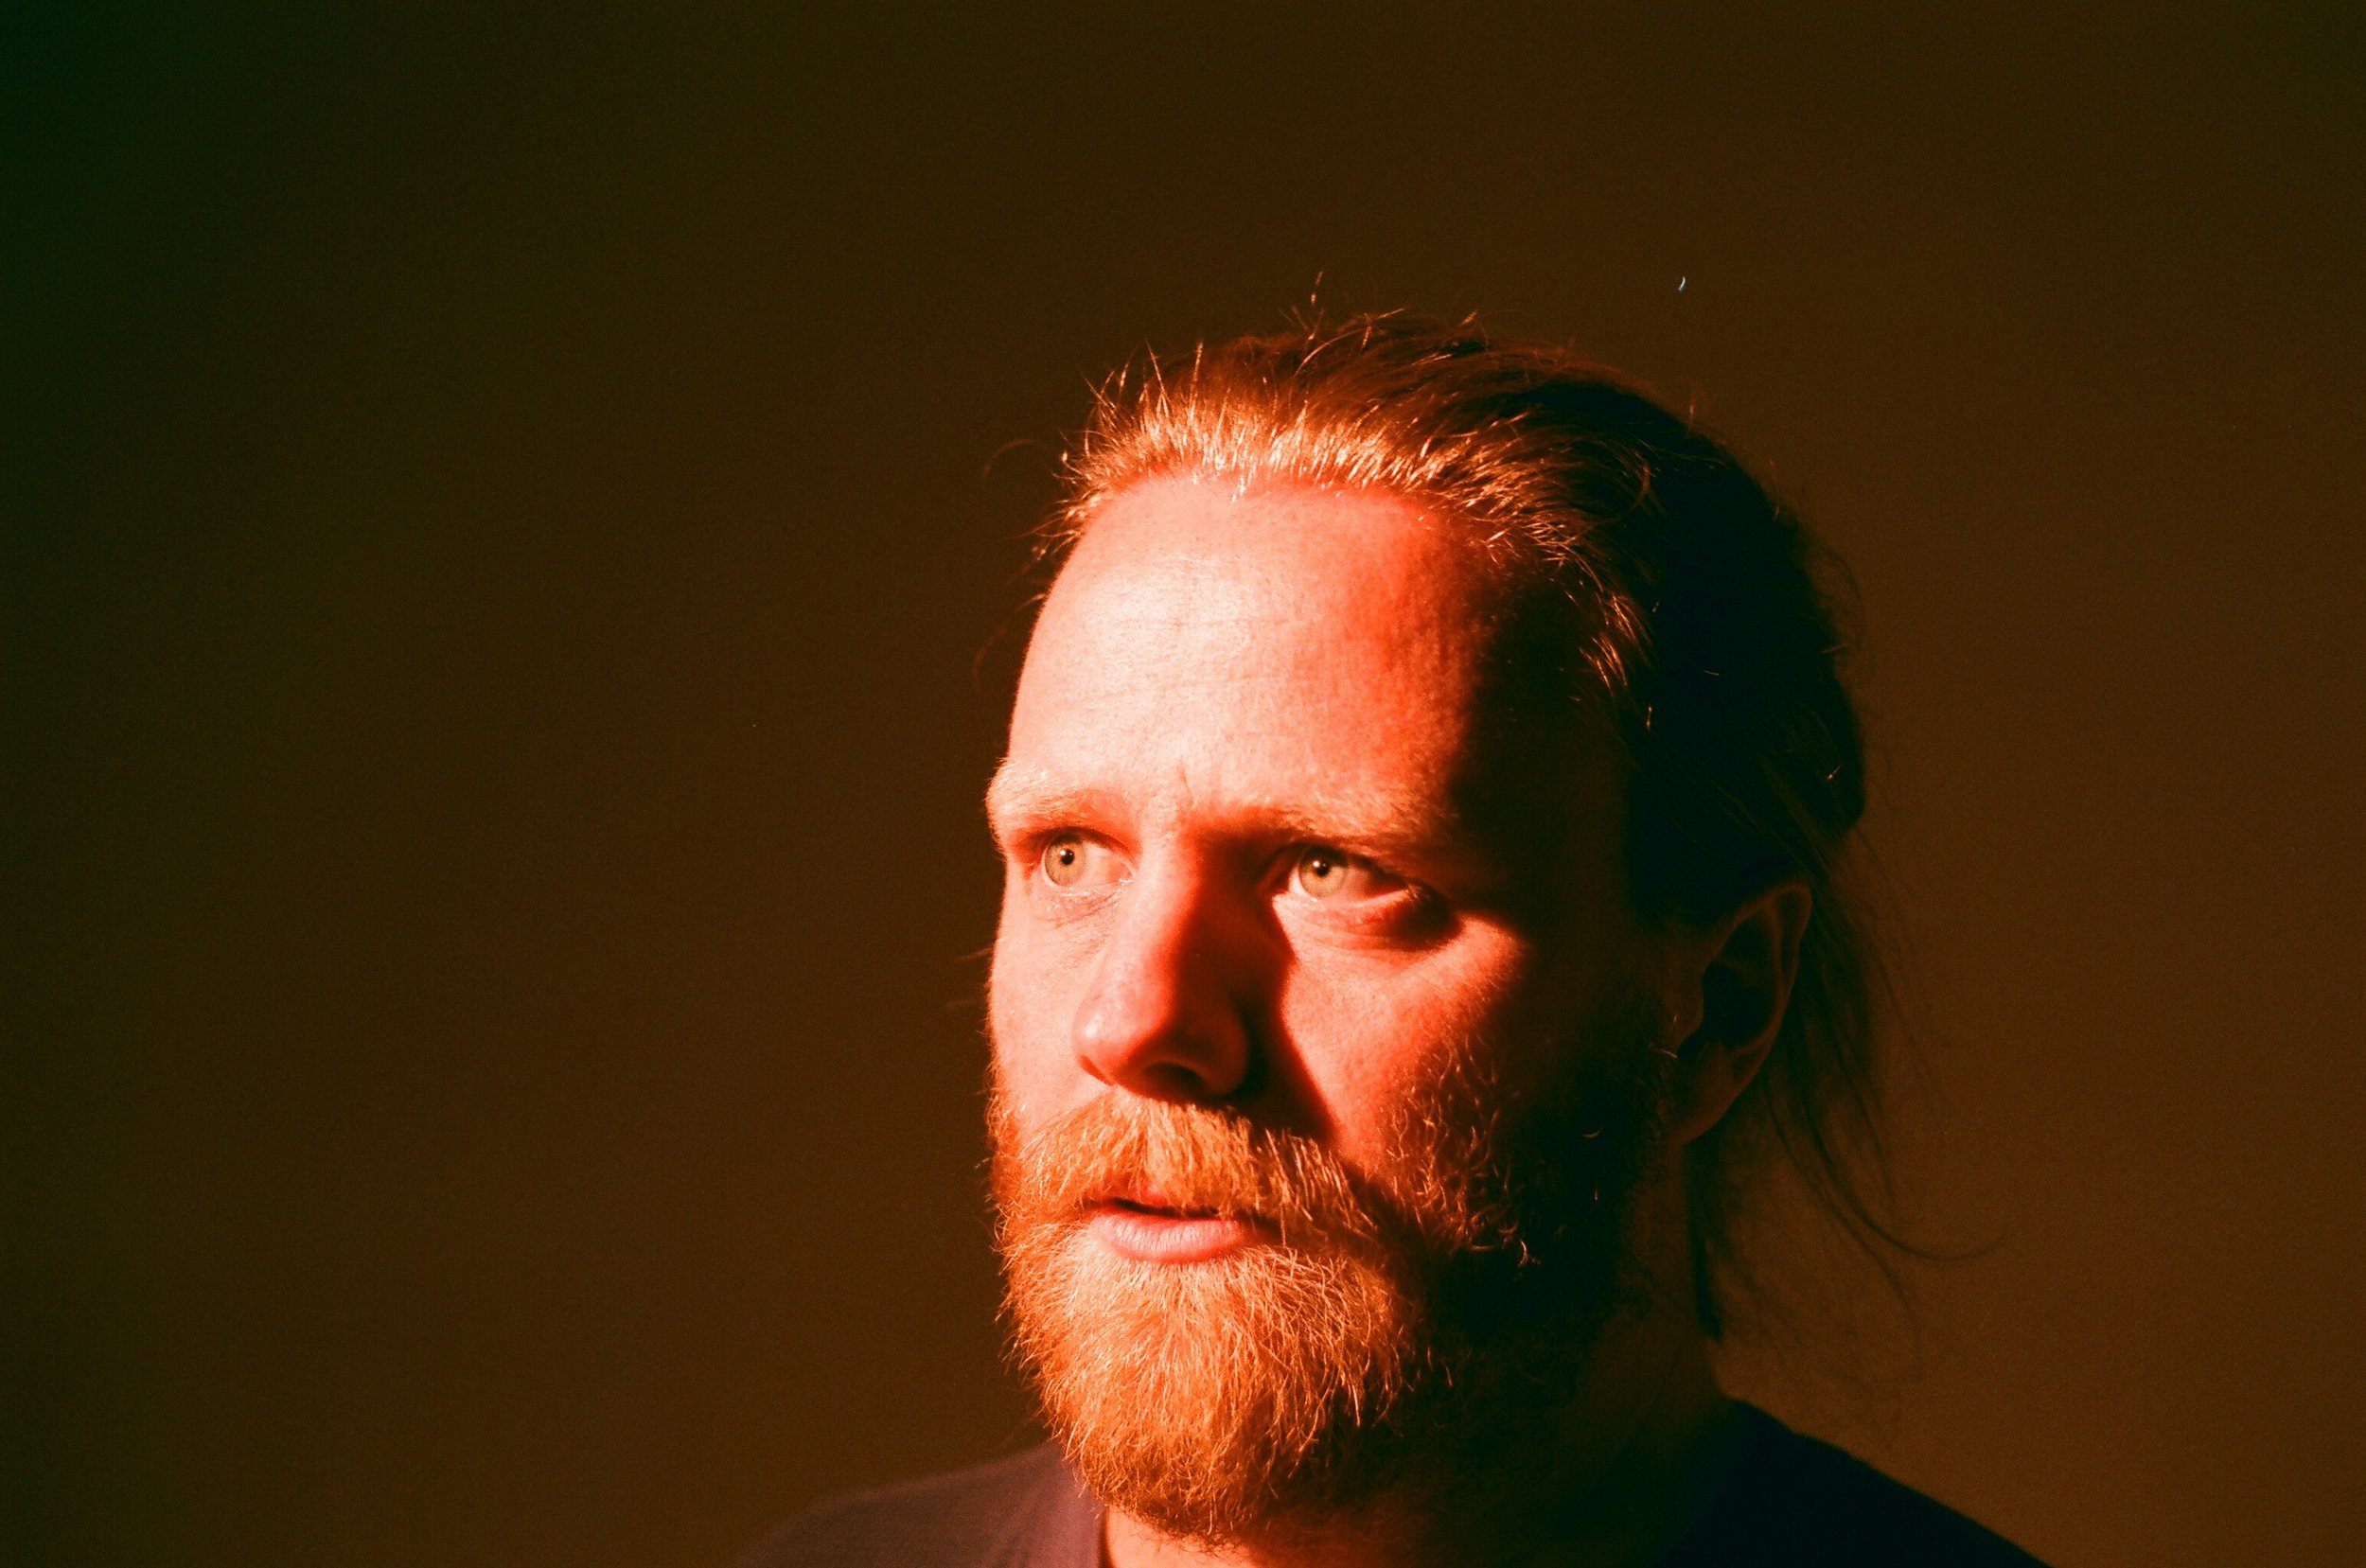 Tom Simmermaker - Mike.